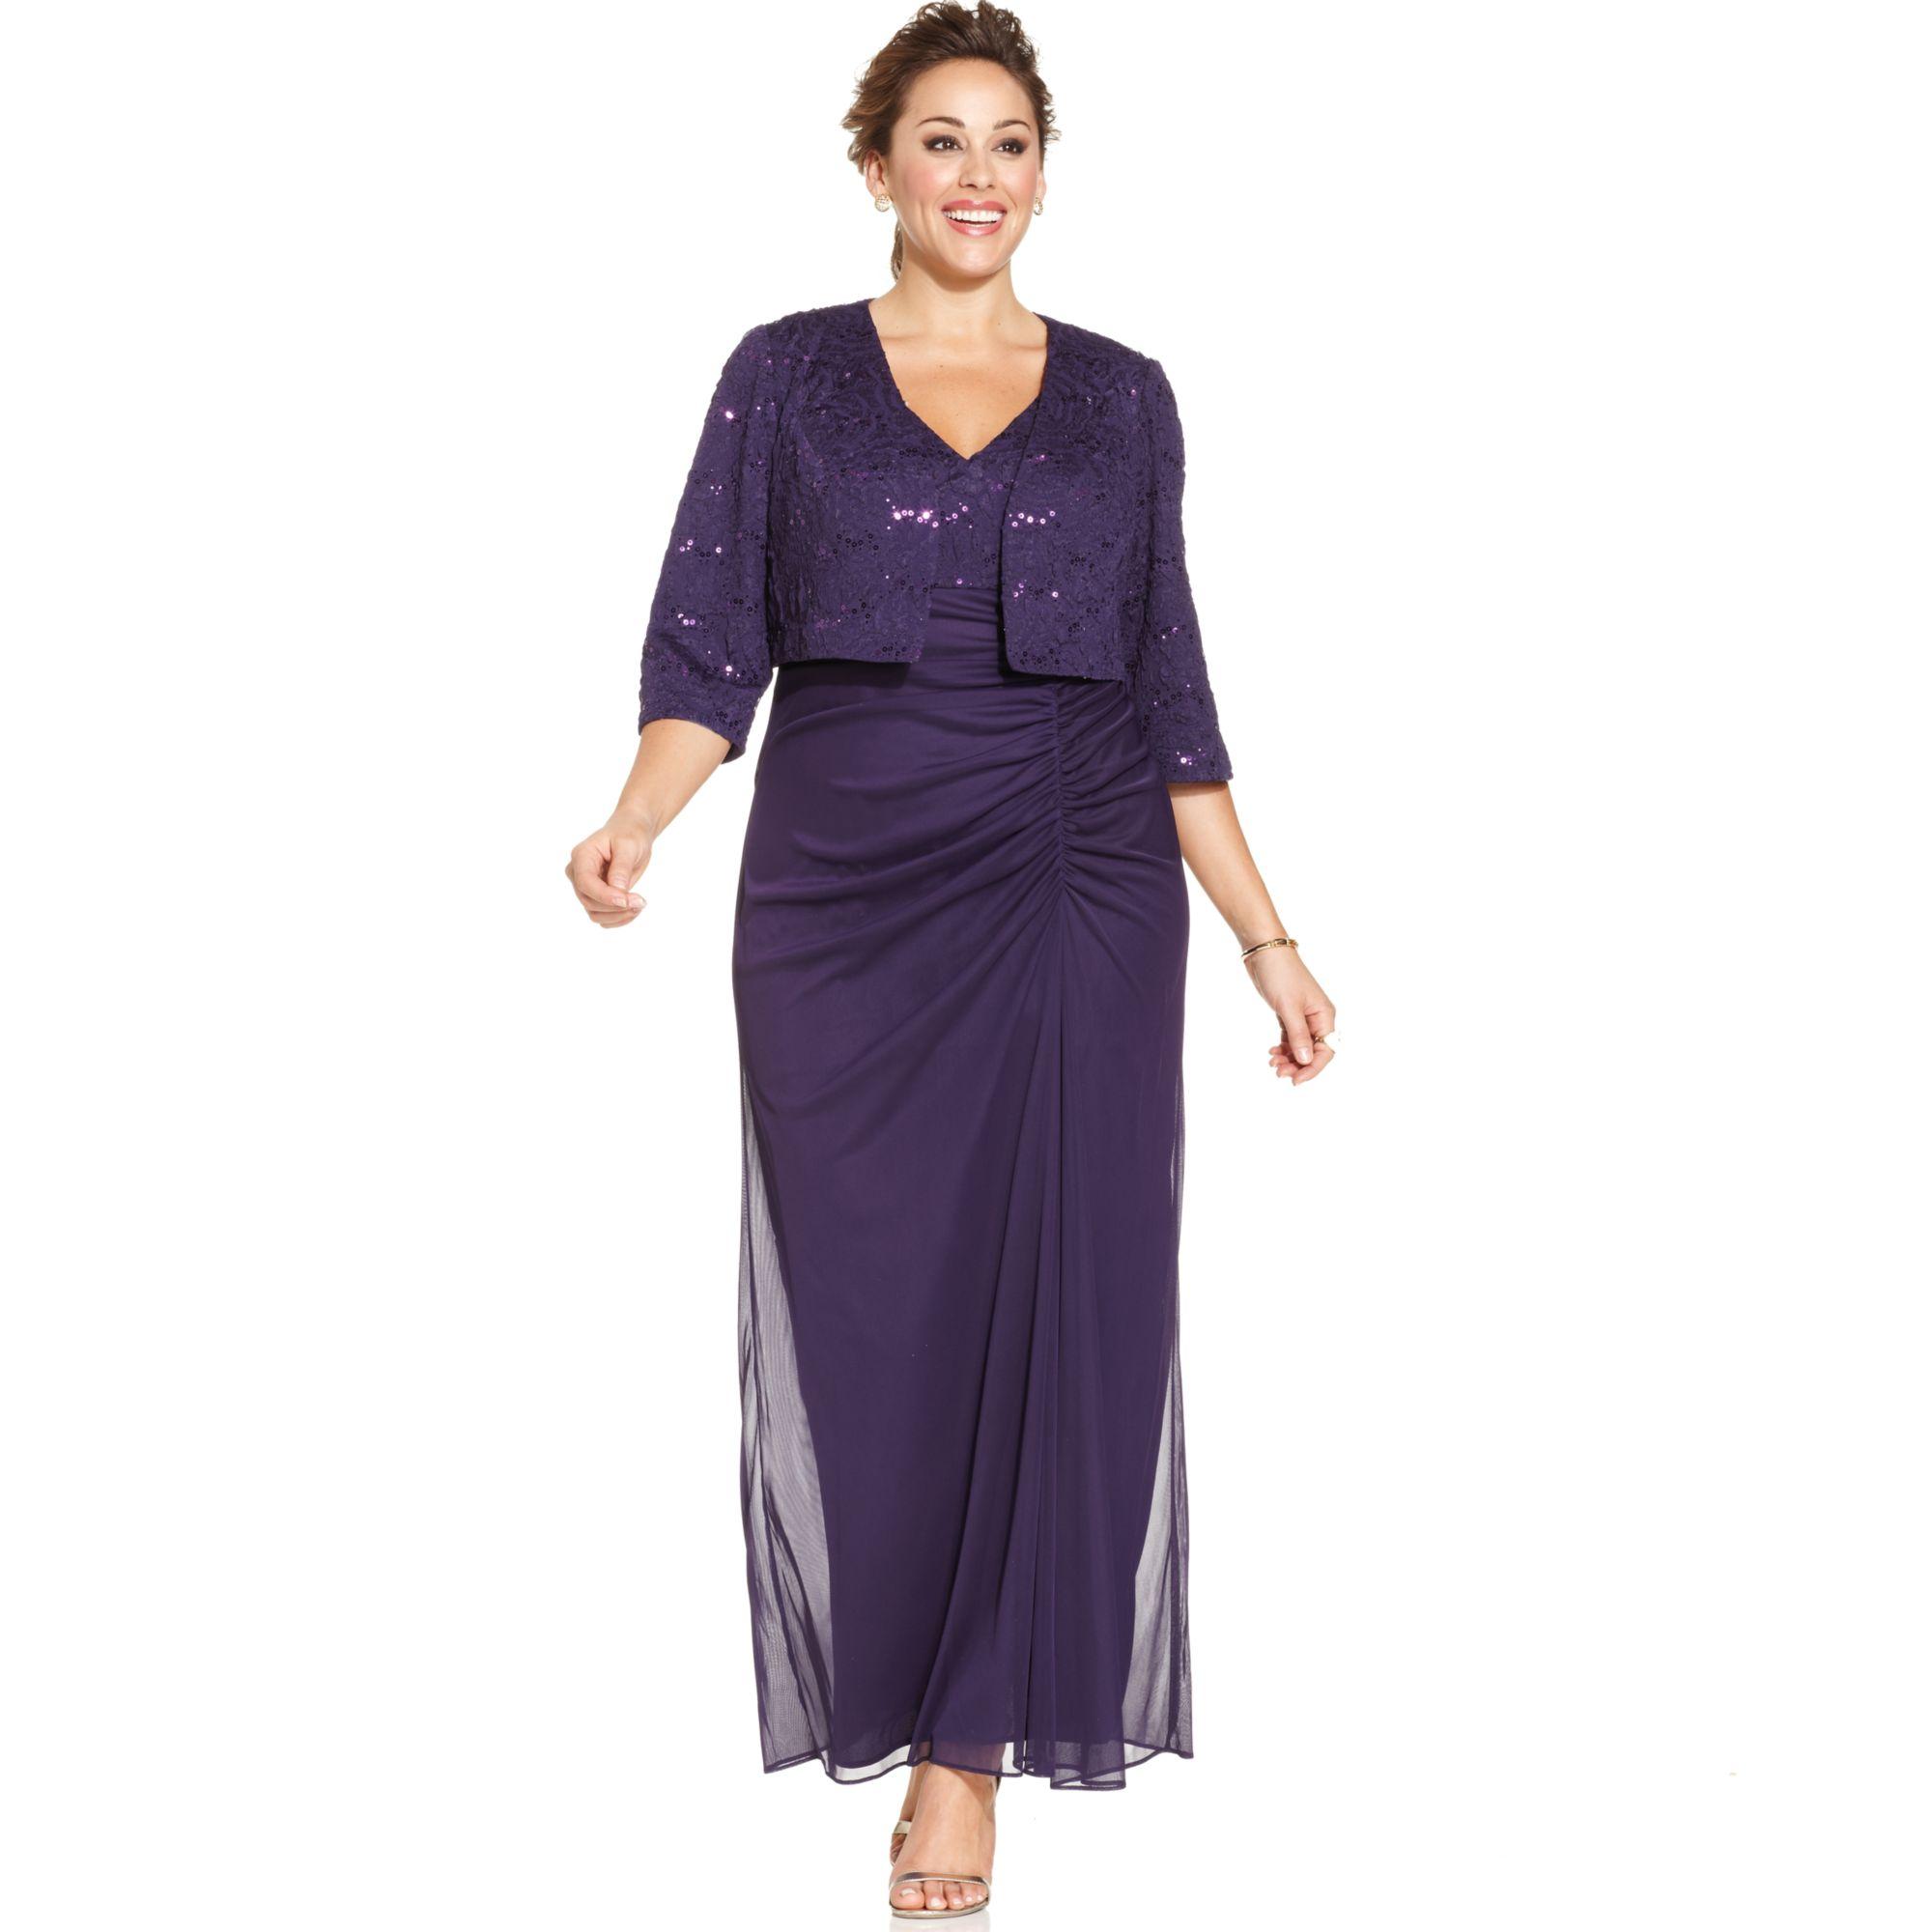 alex evenings plus size dresses images - dresses design ideas